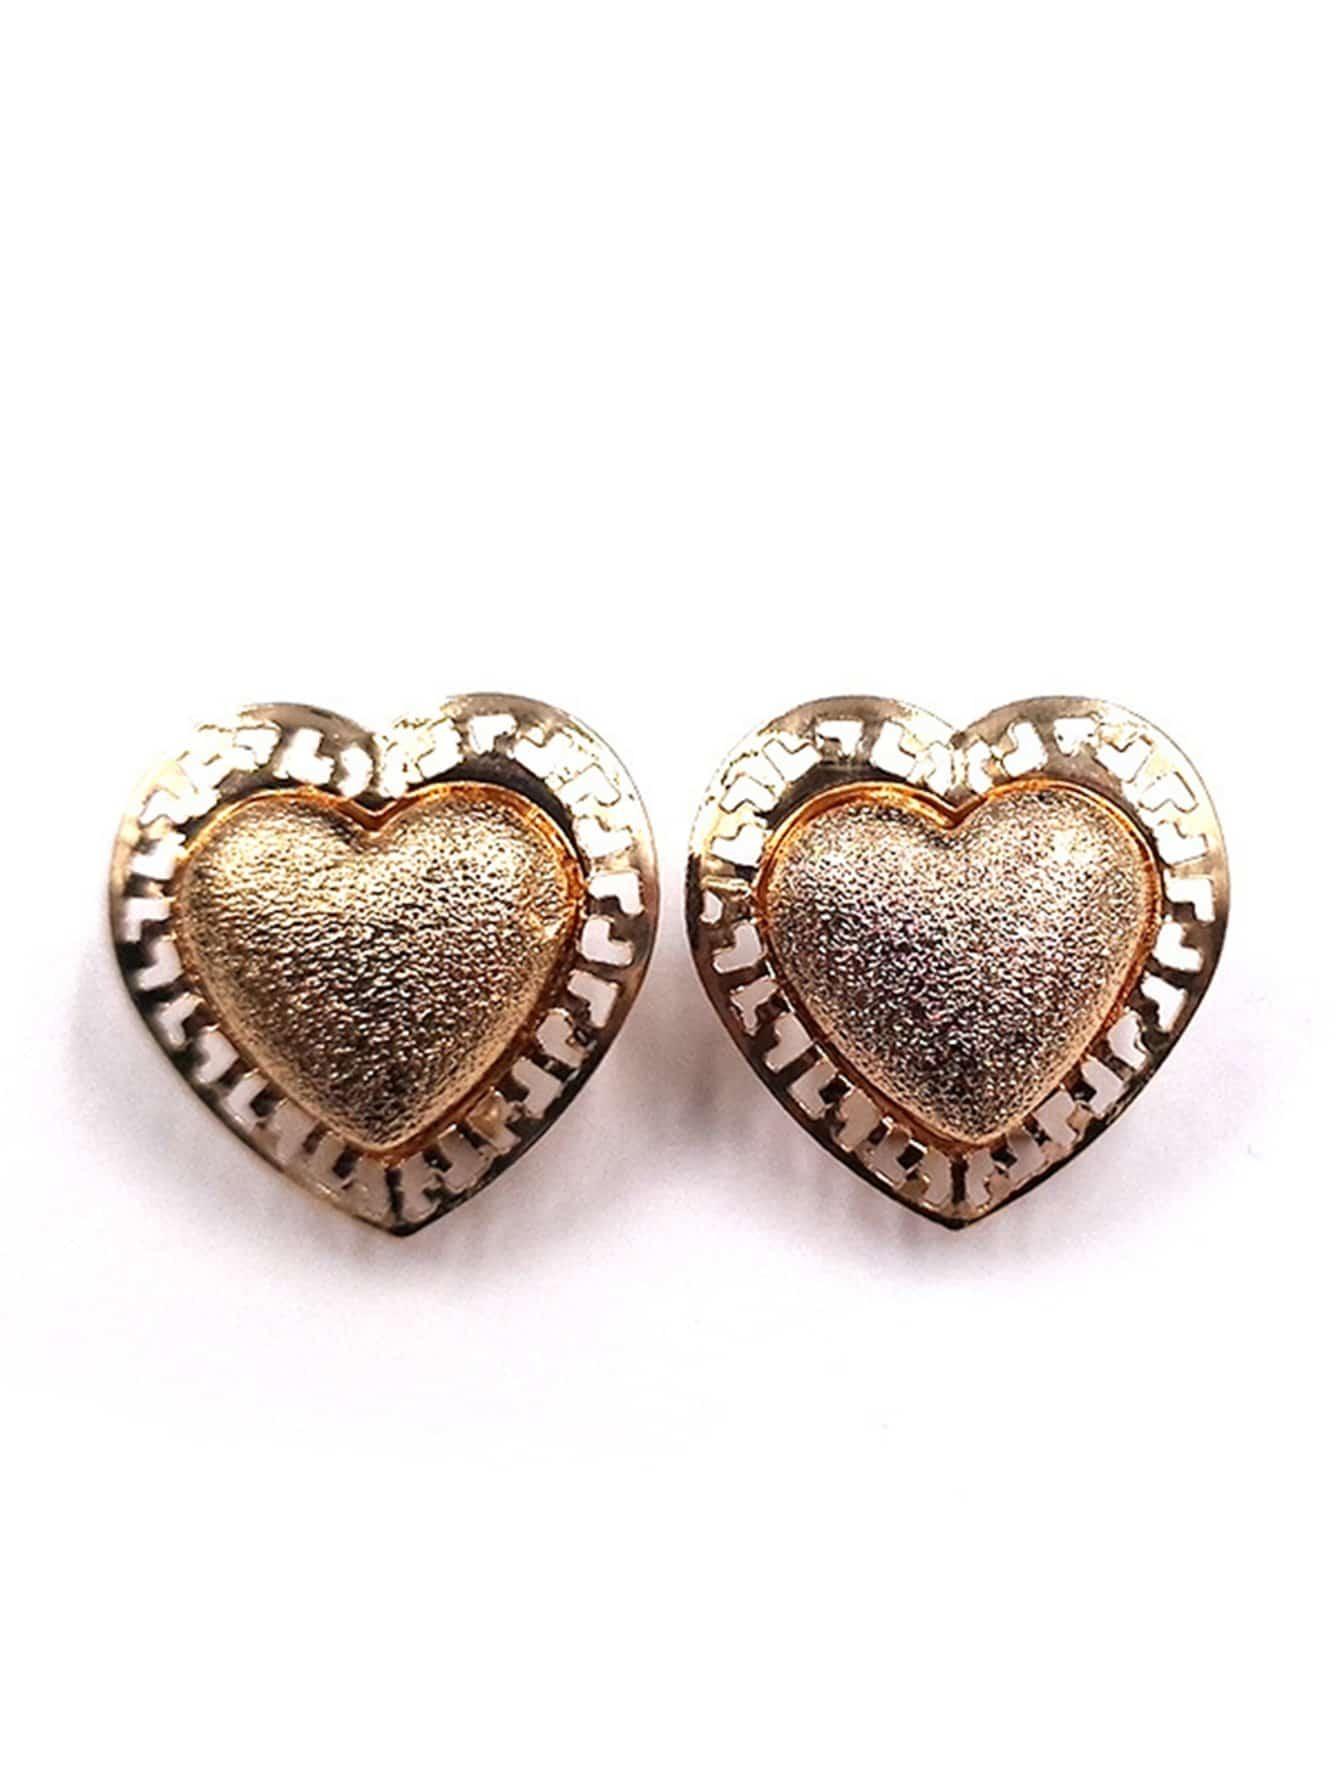 Metal Heart Shaped Stud Earrings